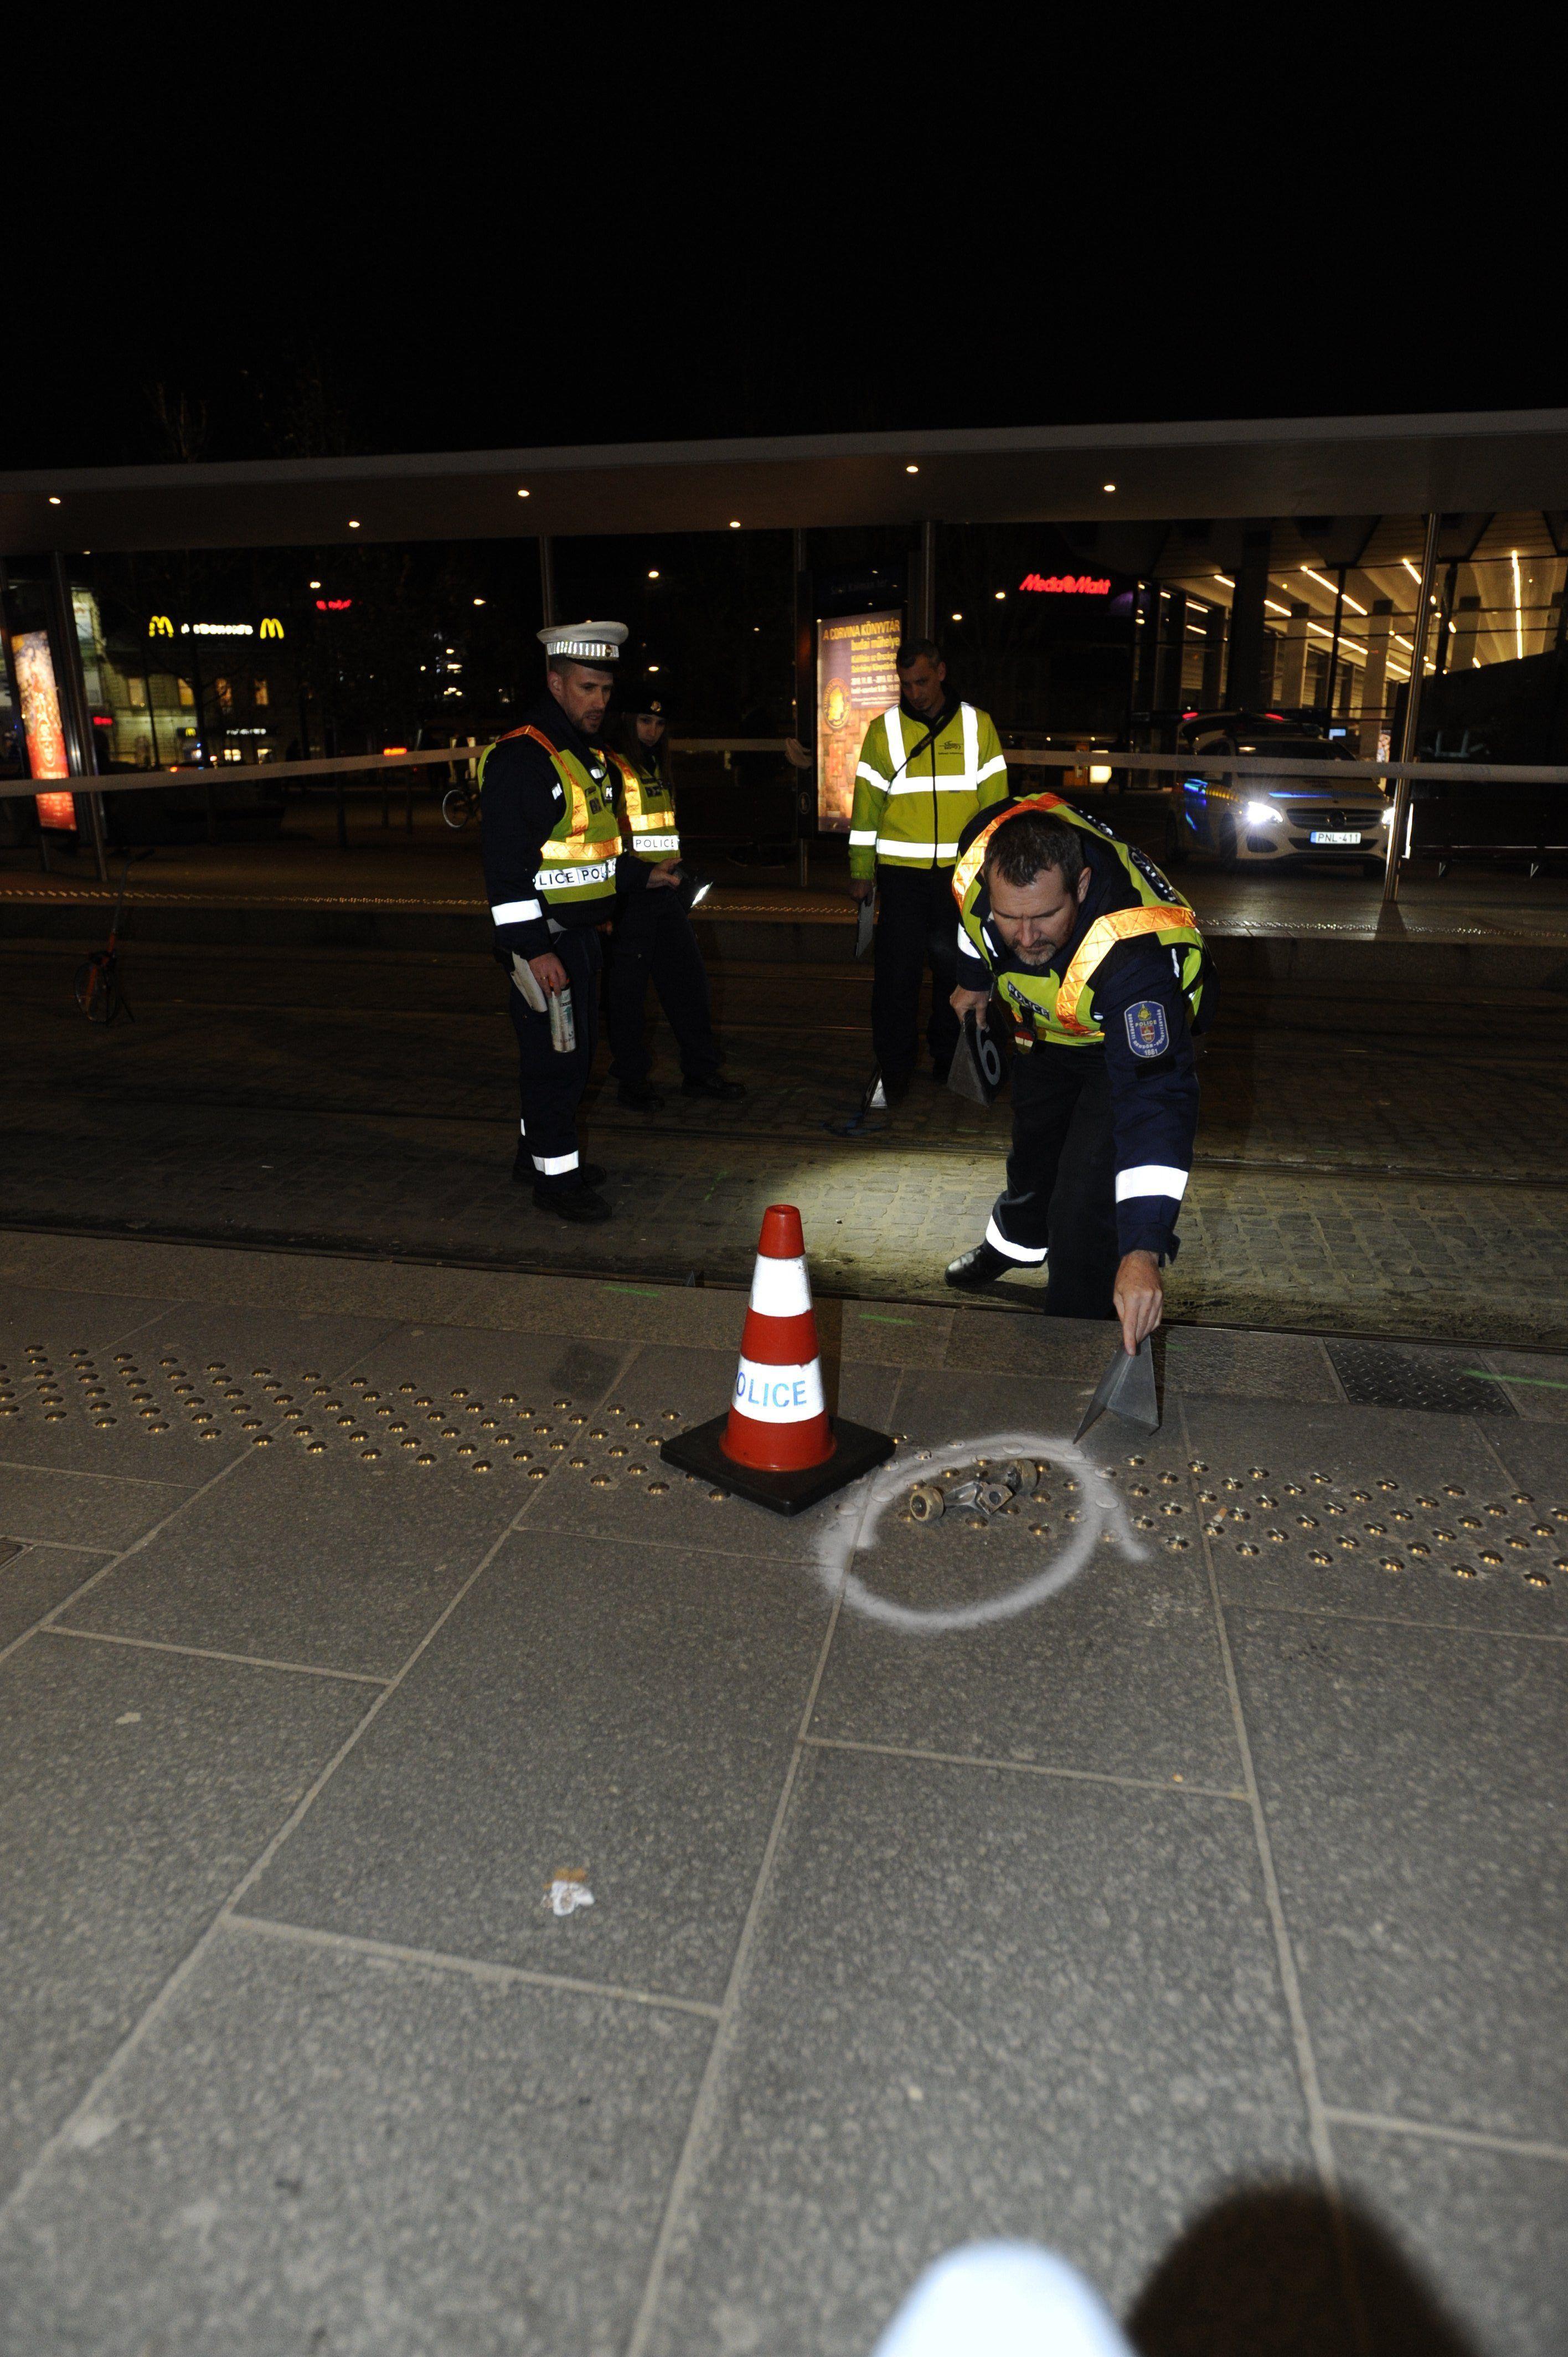 Blikk: gördeszkával siklattak ki egy villamost a Széll Kálmán téren